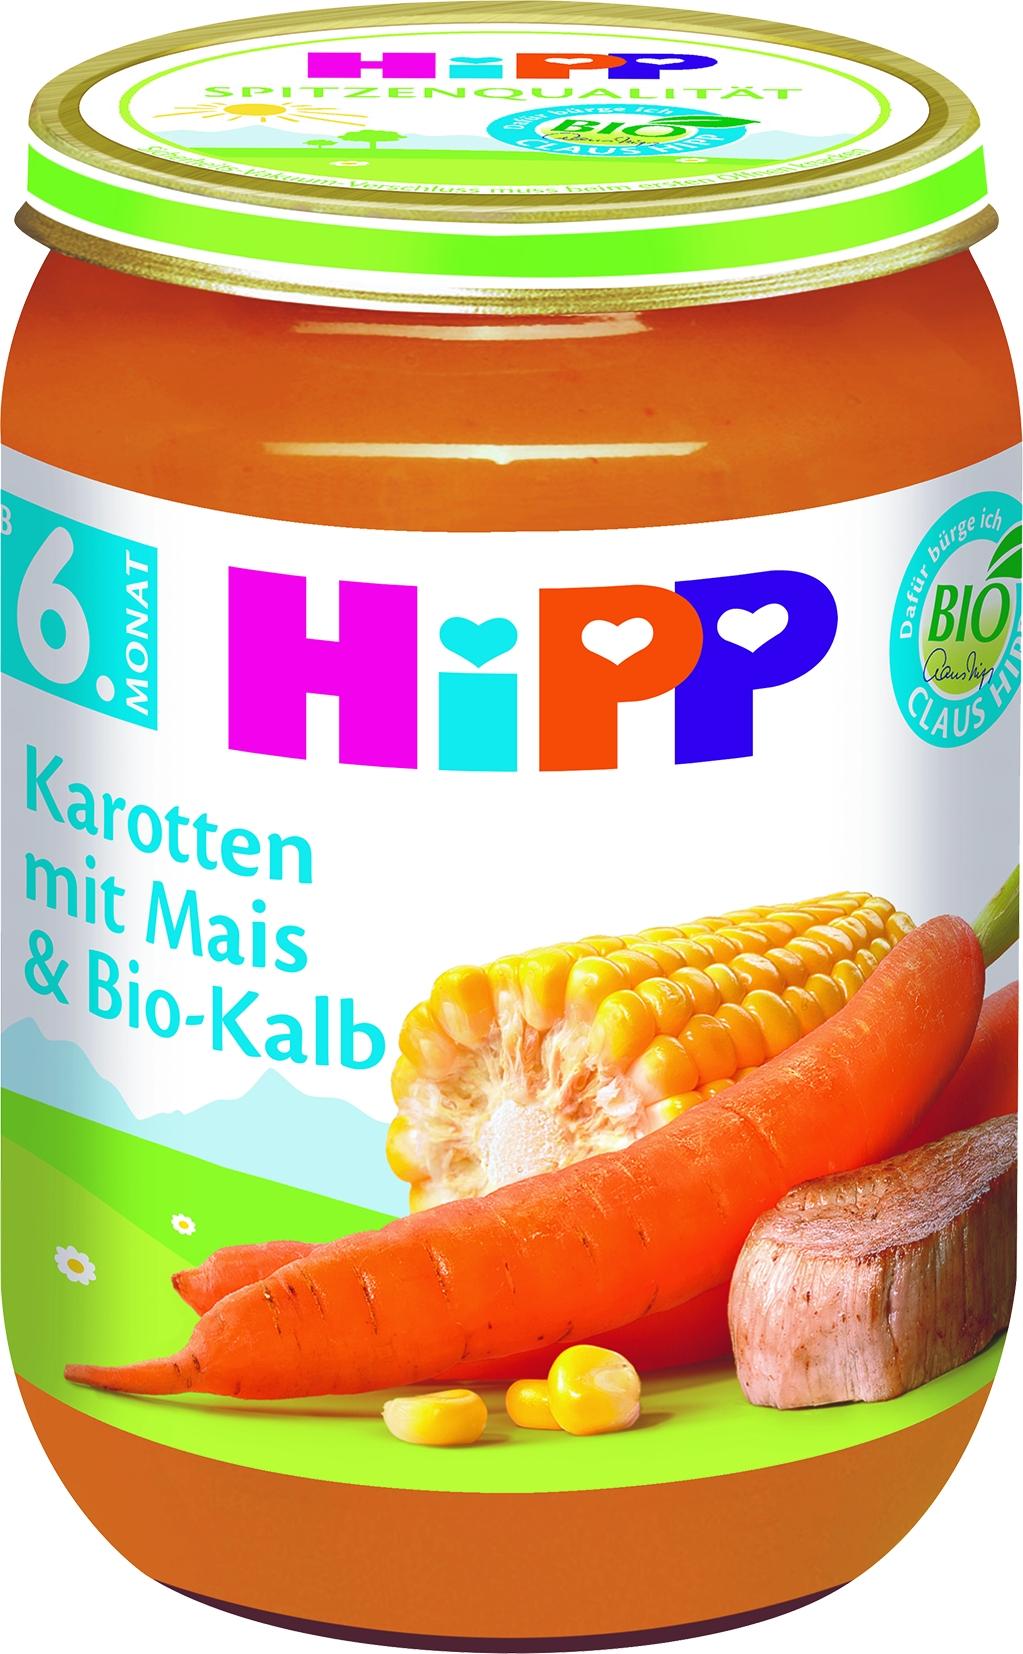 Bio 6280-01 Karotte/Mais/Kalb